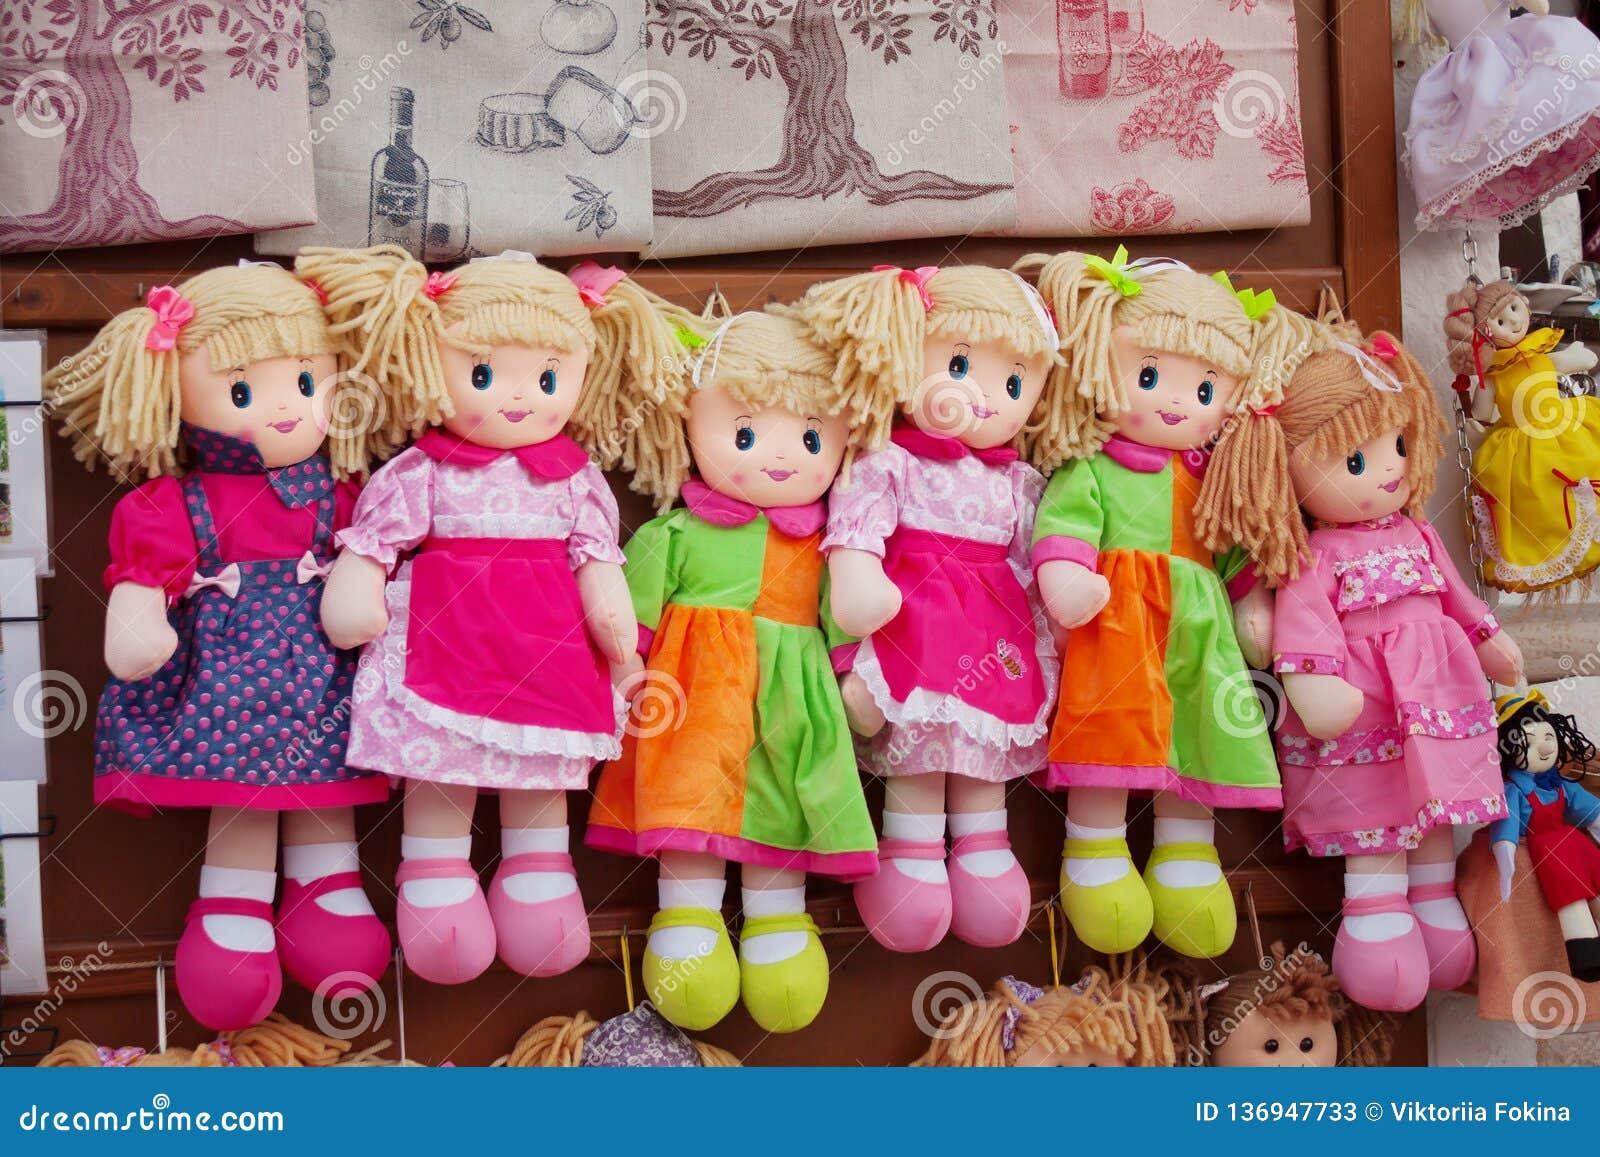 Voddenpoppen in gekleurde kleren, jonge geitjesspeelgoed van extra schroot van materiaal